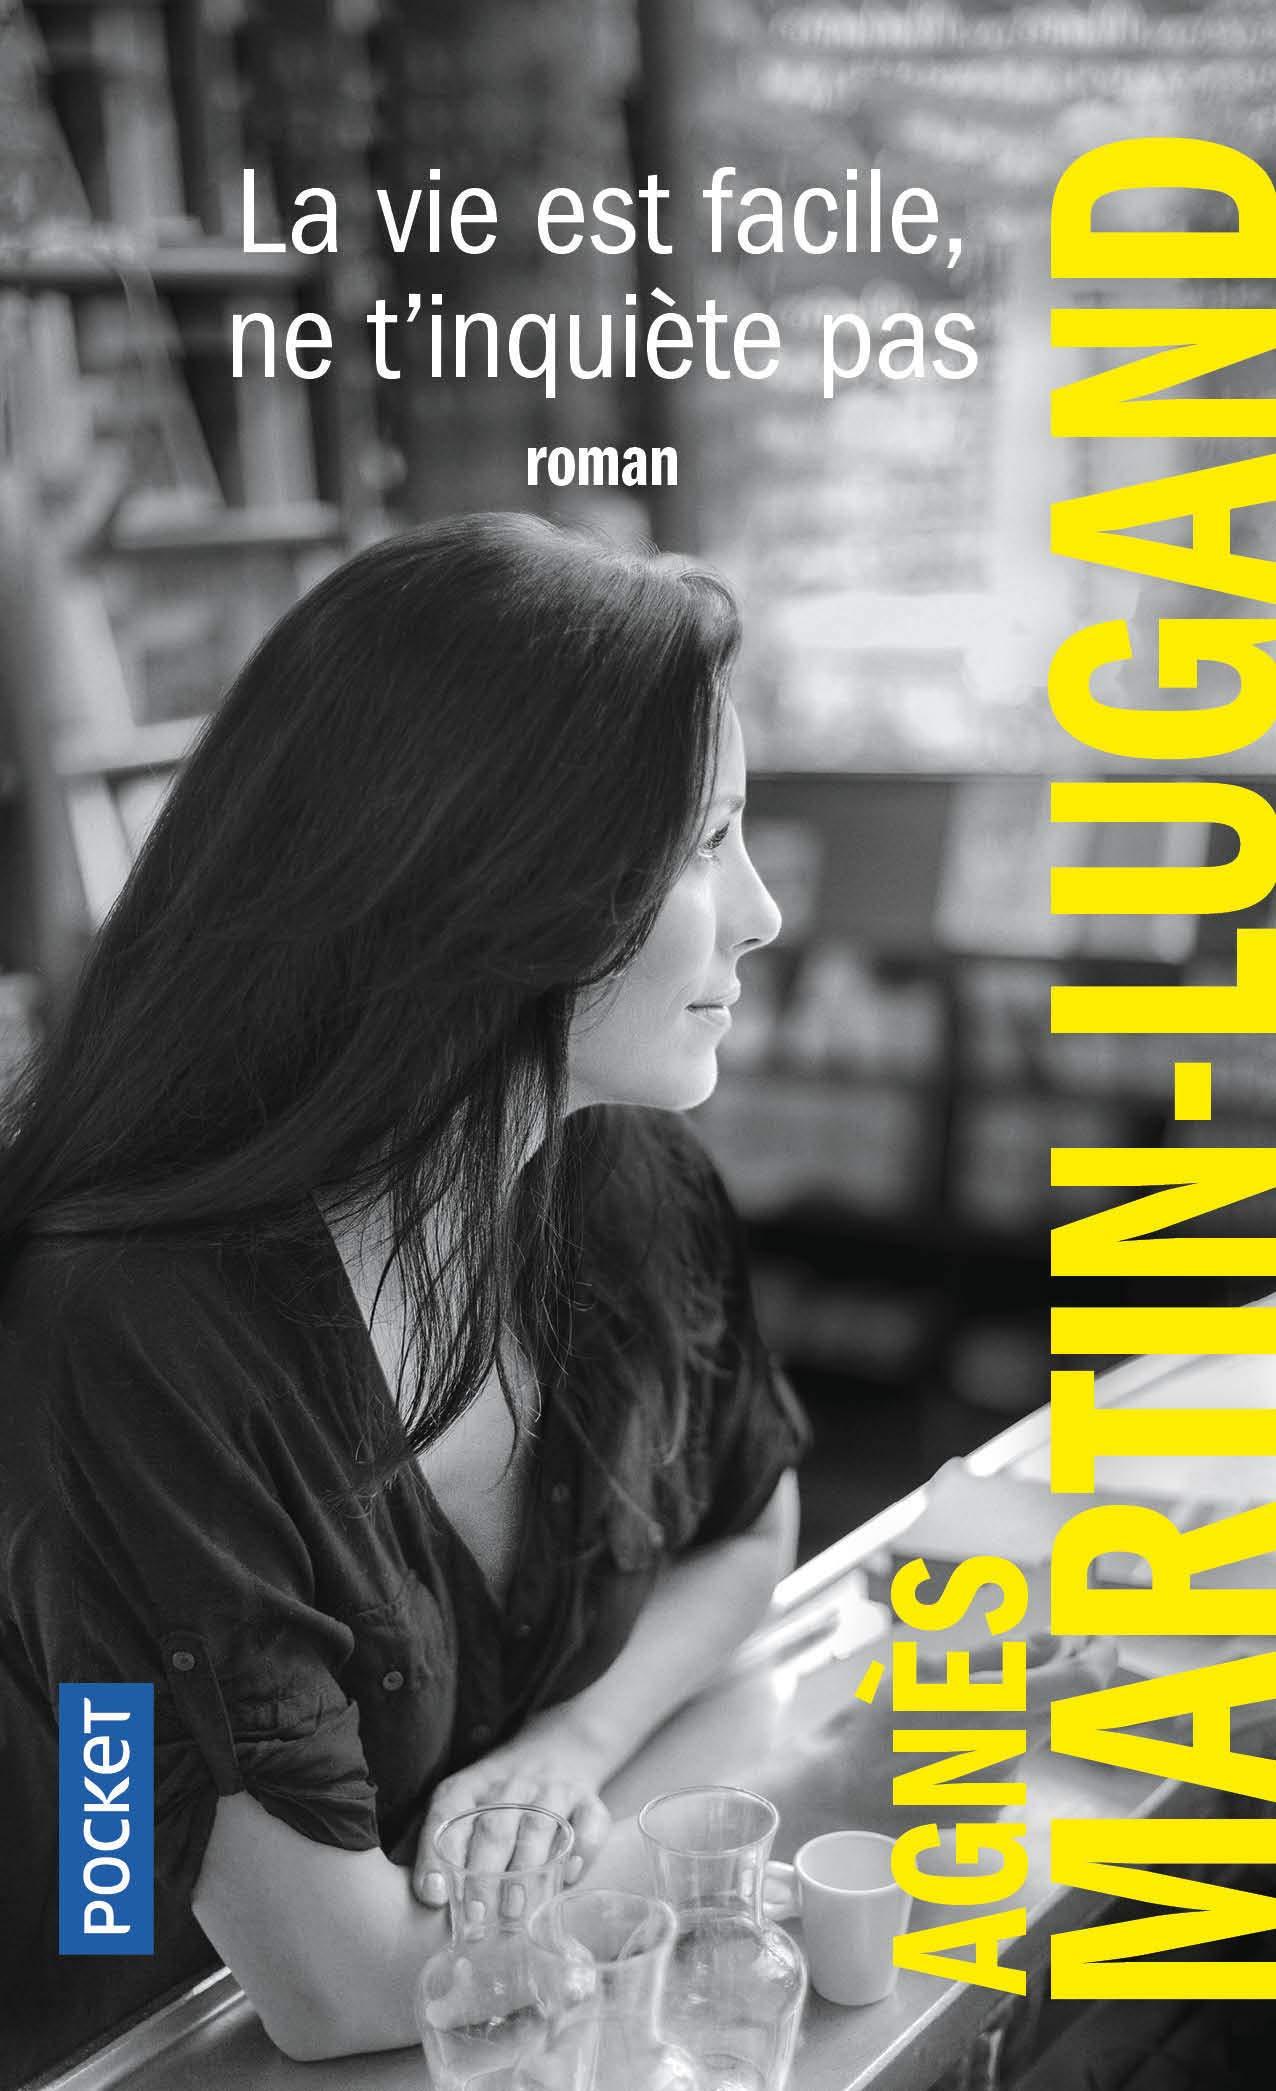 Agnès Martin-Lugand - Couverture roman Pocket - La vie est facile ne t'inquiète pas